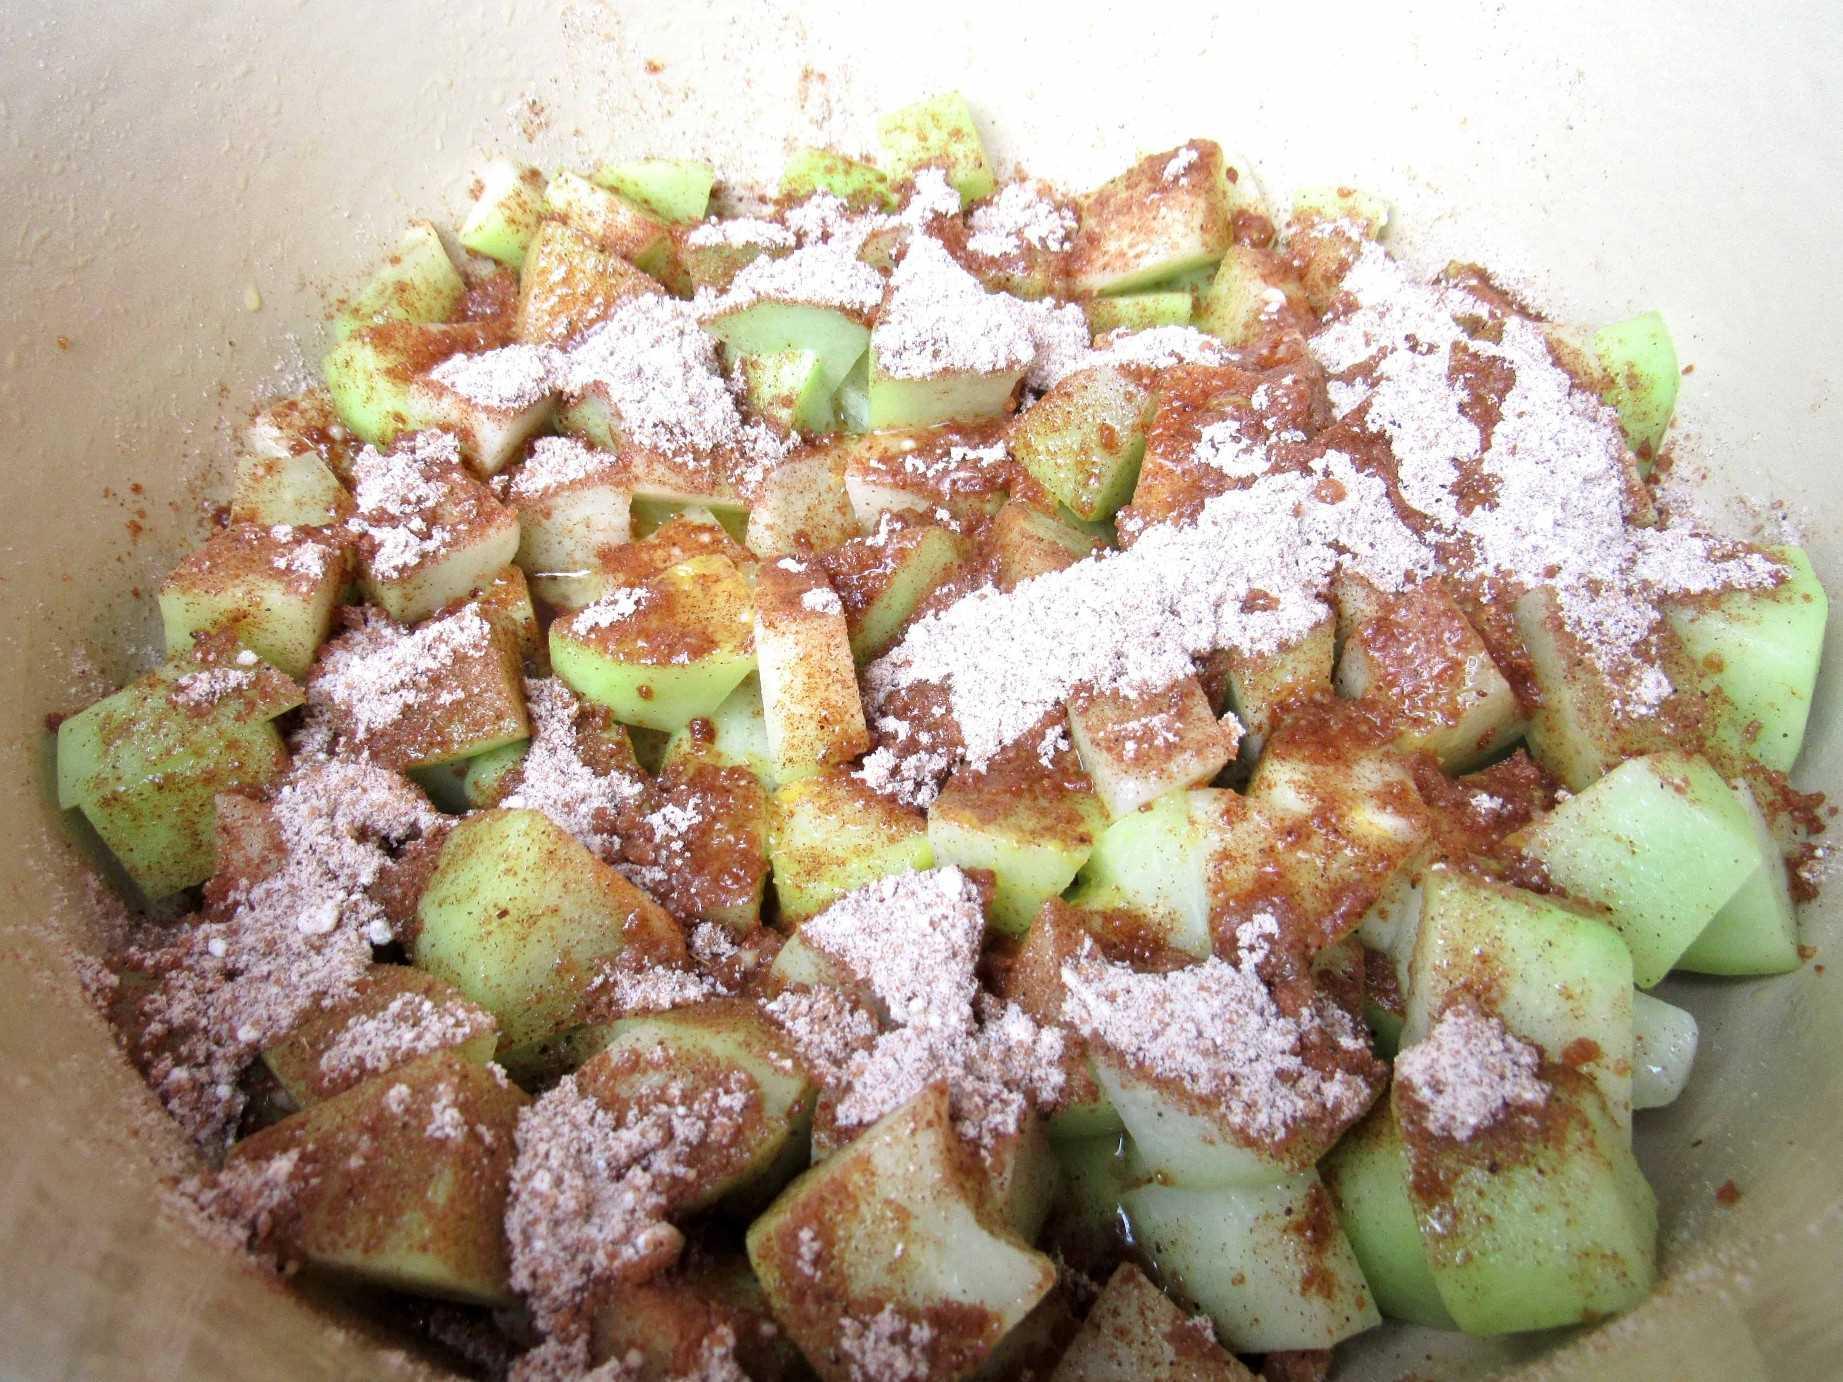 chayote en olla con mezcla de azúcar encima